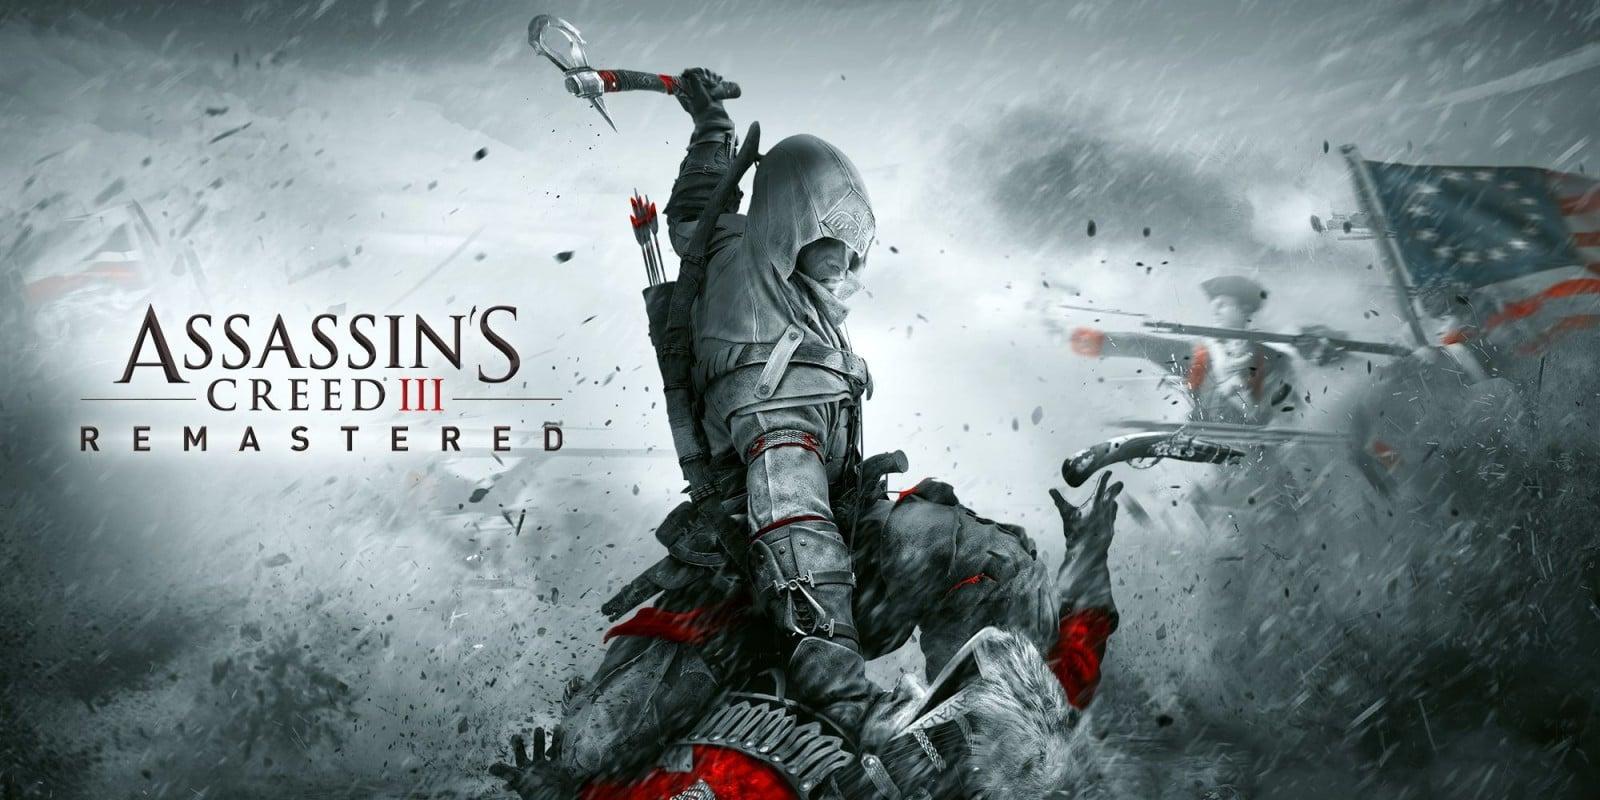 Assassin's Creed III Remastered ma szalenie niskie wymagania sprzętowe! 16